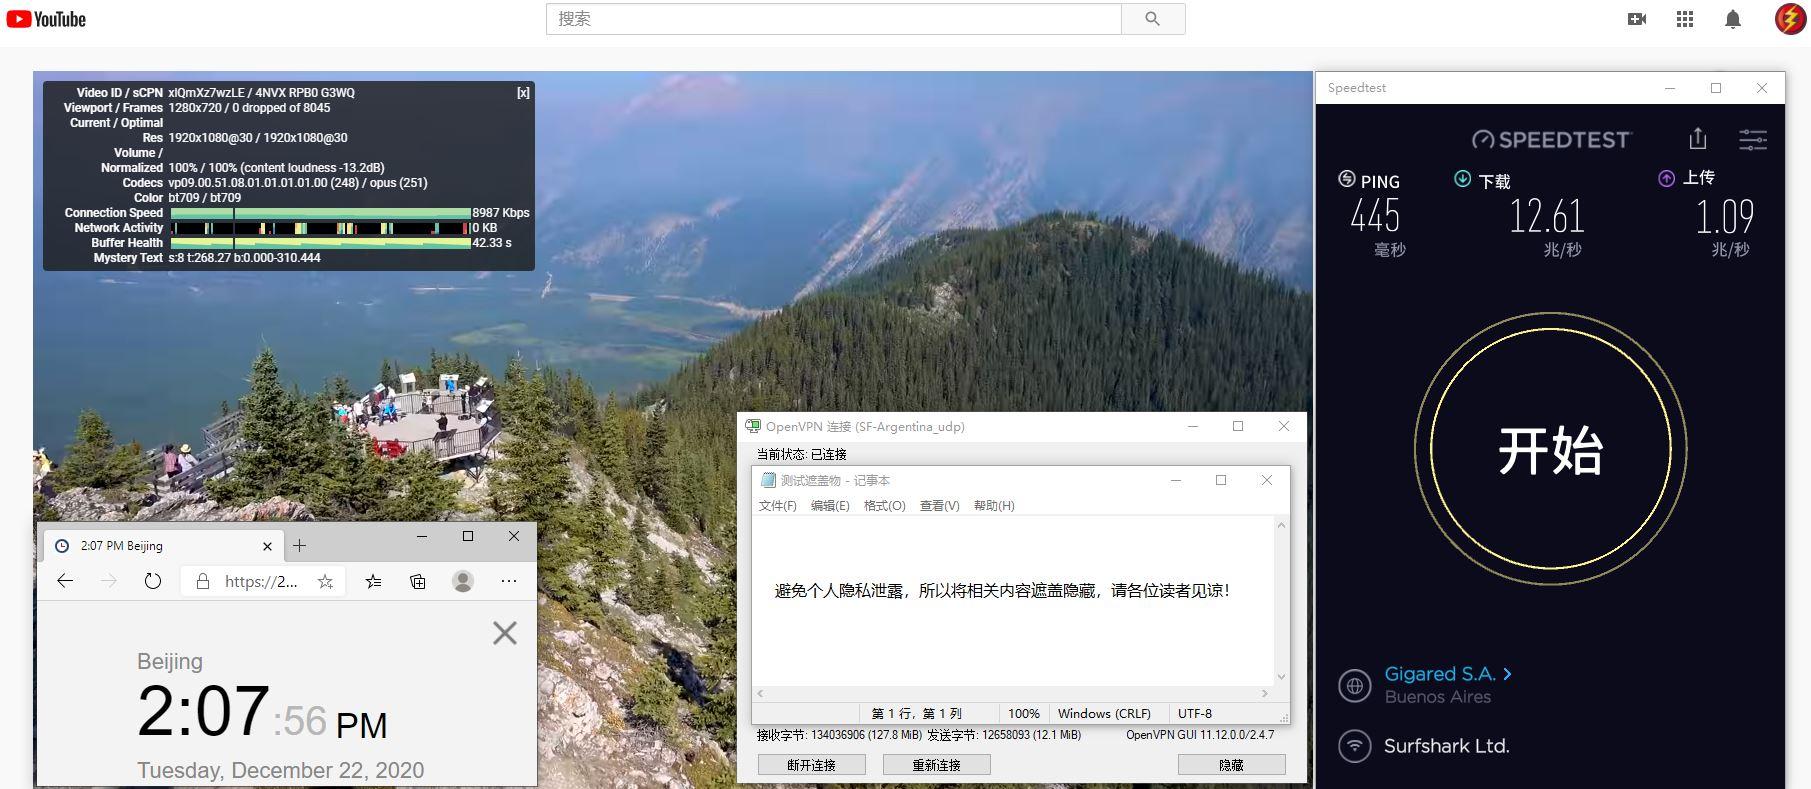 Windows10 SurfsharkVPN Argentina 服务器 中国VPN 翻墙 科学上网 测试 - 20201222